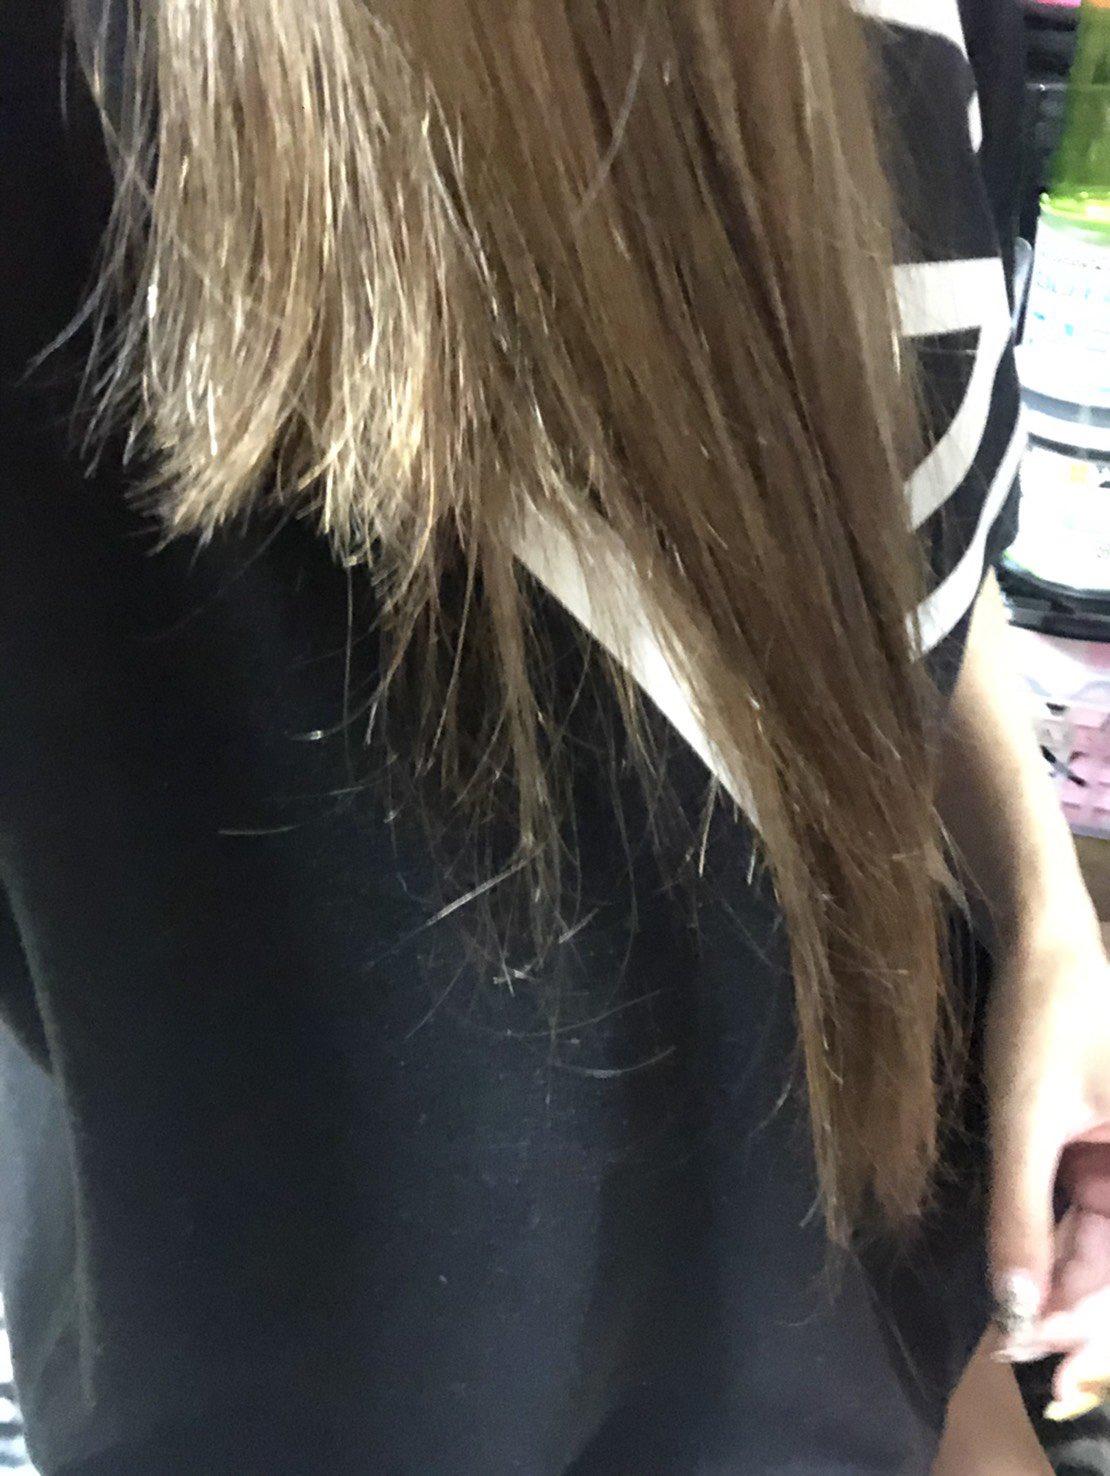 画像,えっ!待って待って!!!今聞いたんだけど…昨日、妹が電車で髪切られたって💦ふざけんな💢女の髪は命だぞ!!!これから警察に被害届出します。詳しくはわからないからま…